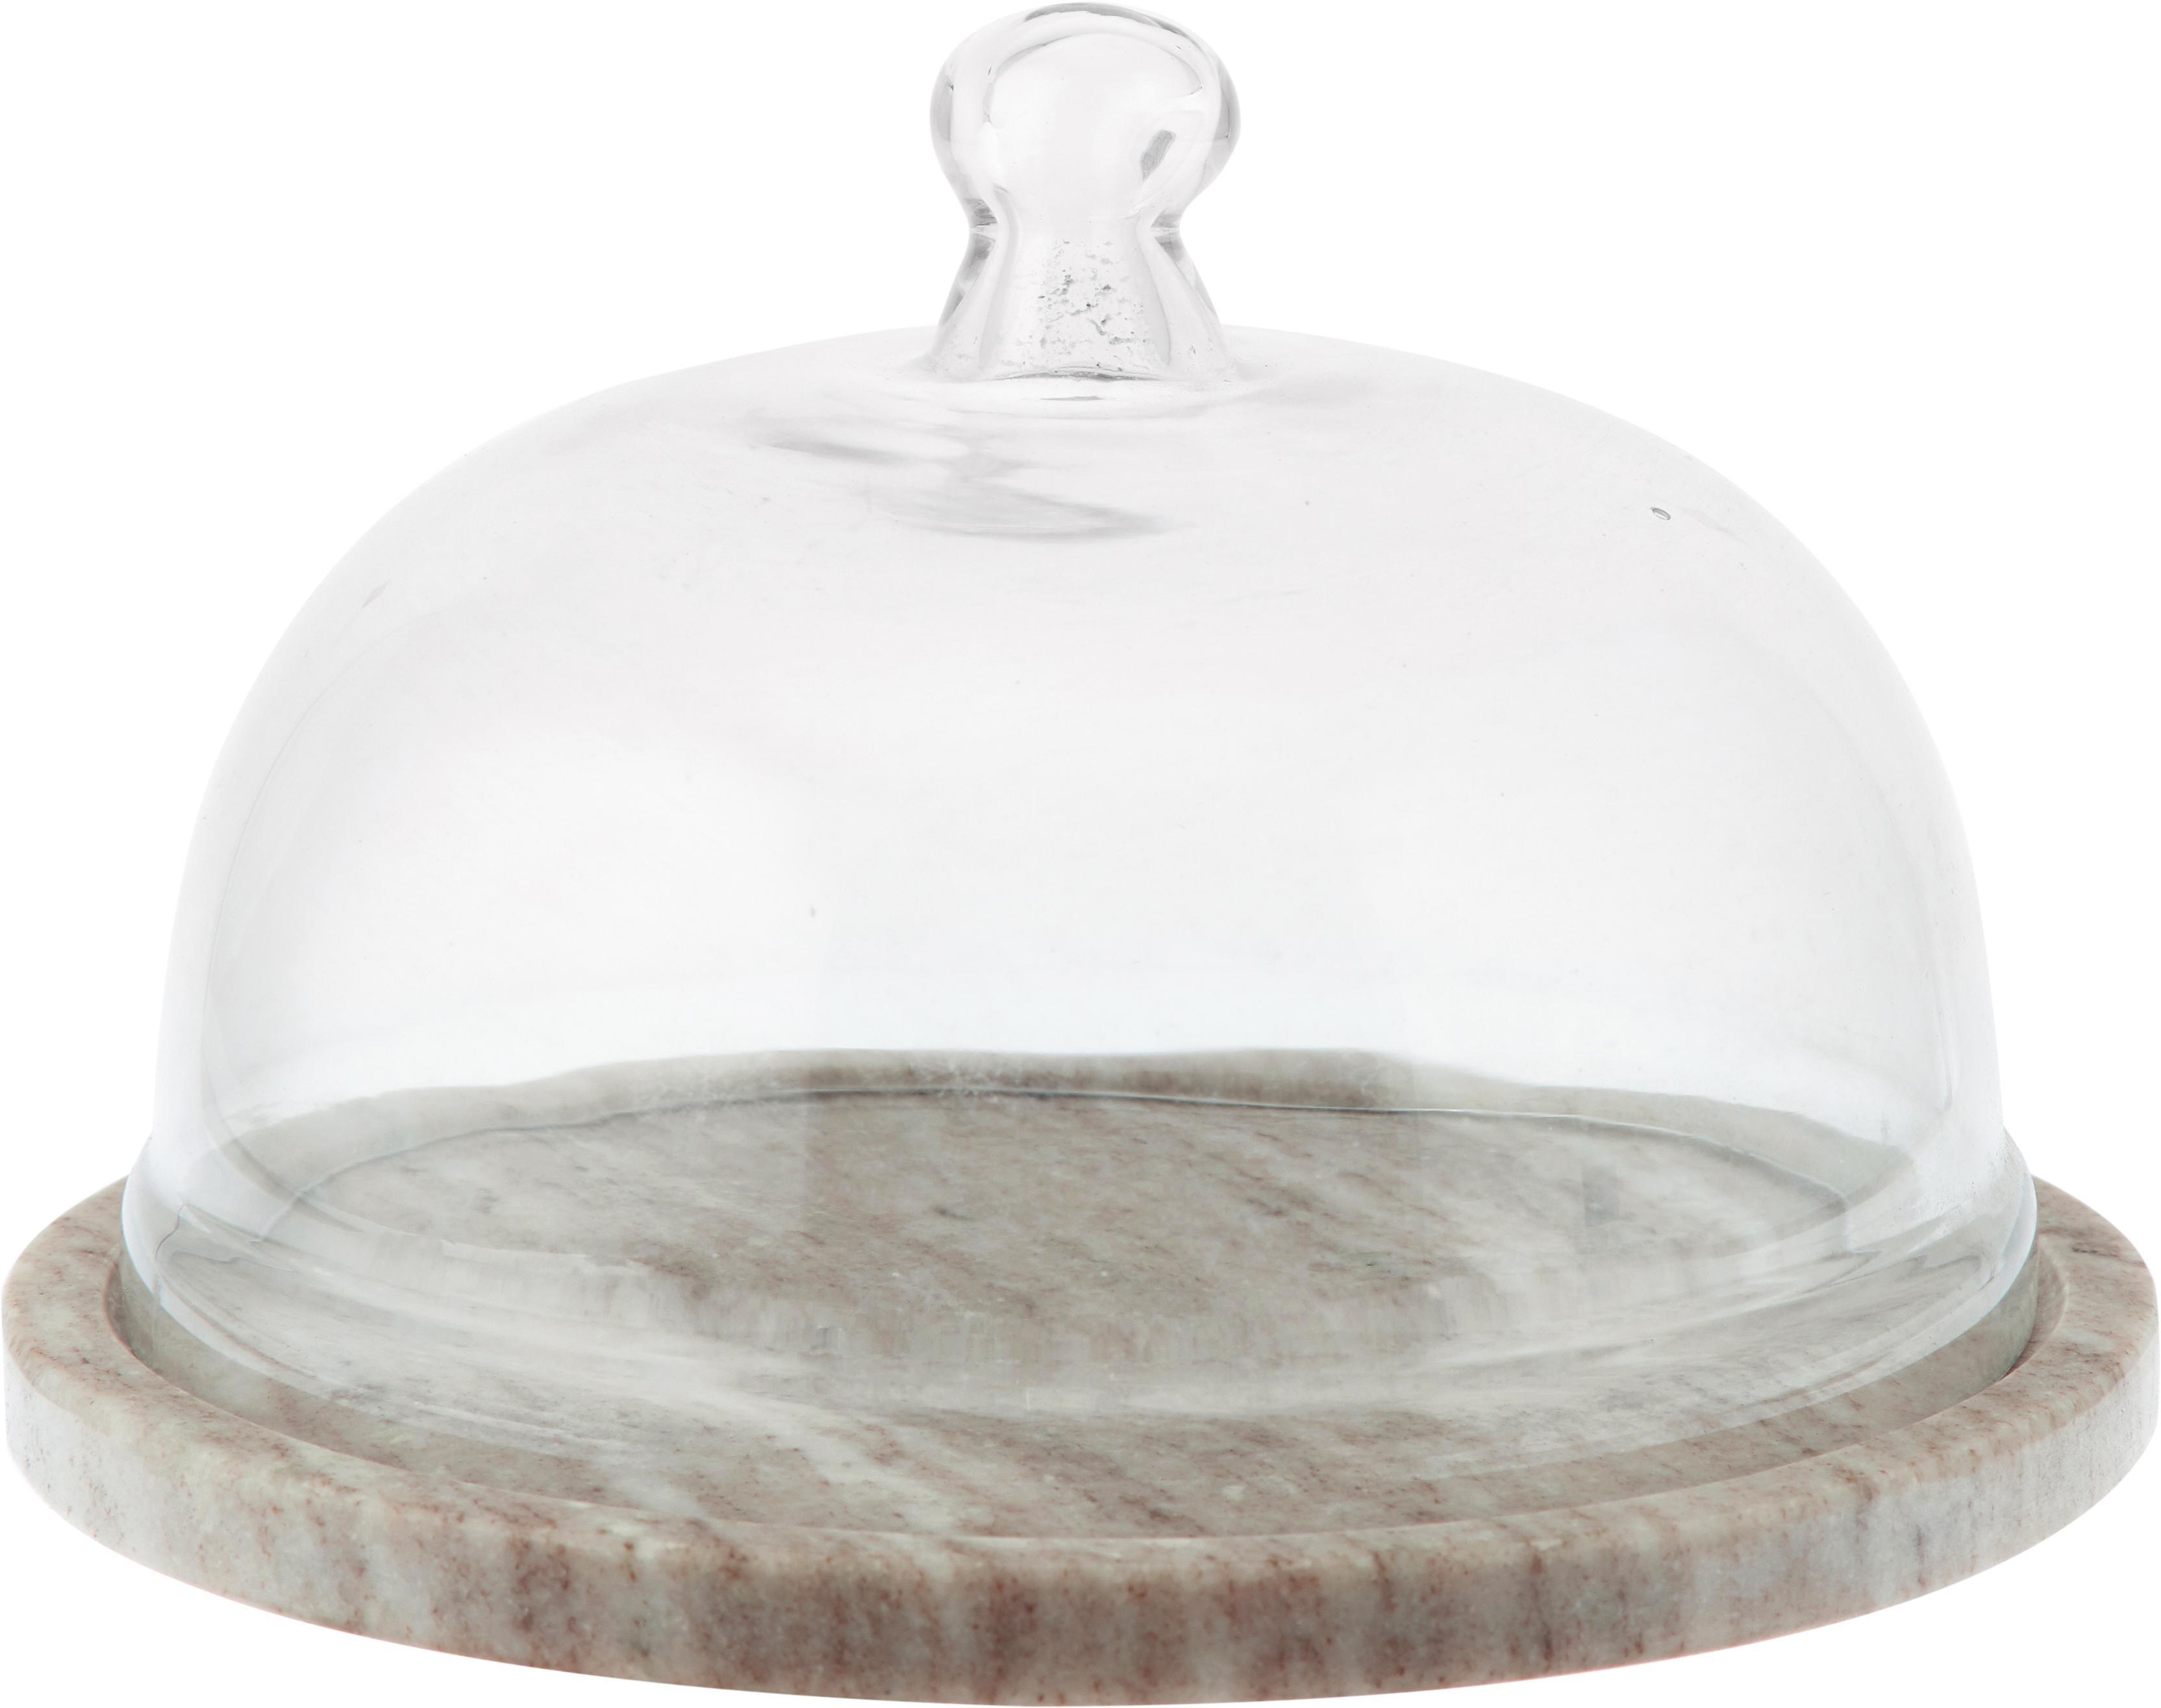 Klosz z marmuru Cheese, Blat: marmur, Beżowy, transparentny, Ø 25 x W 14 cm